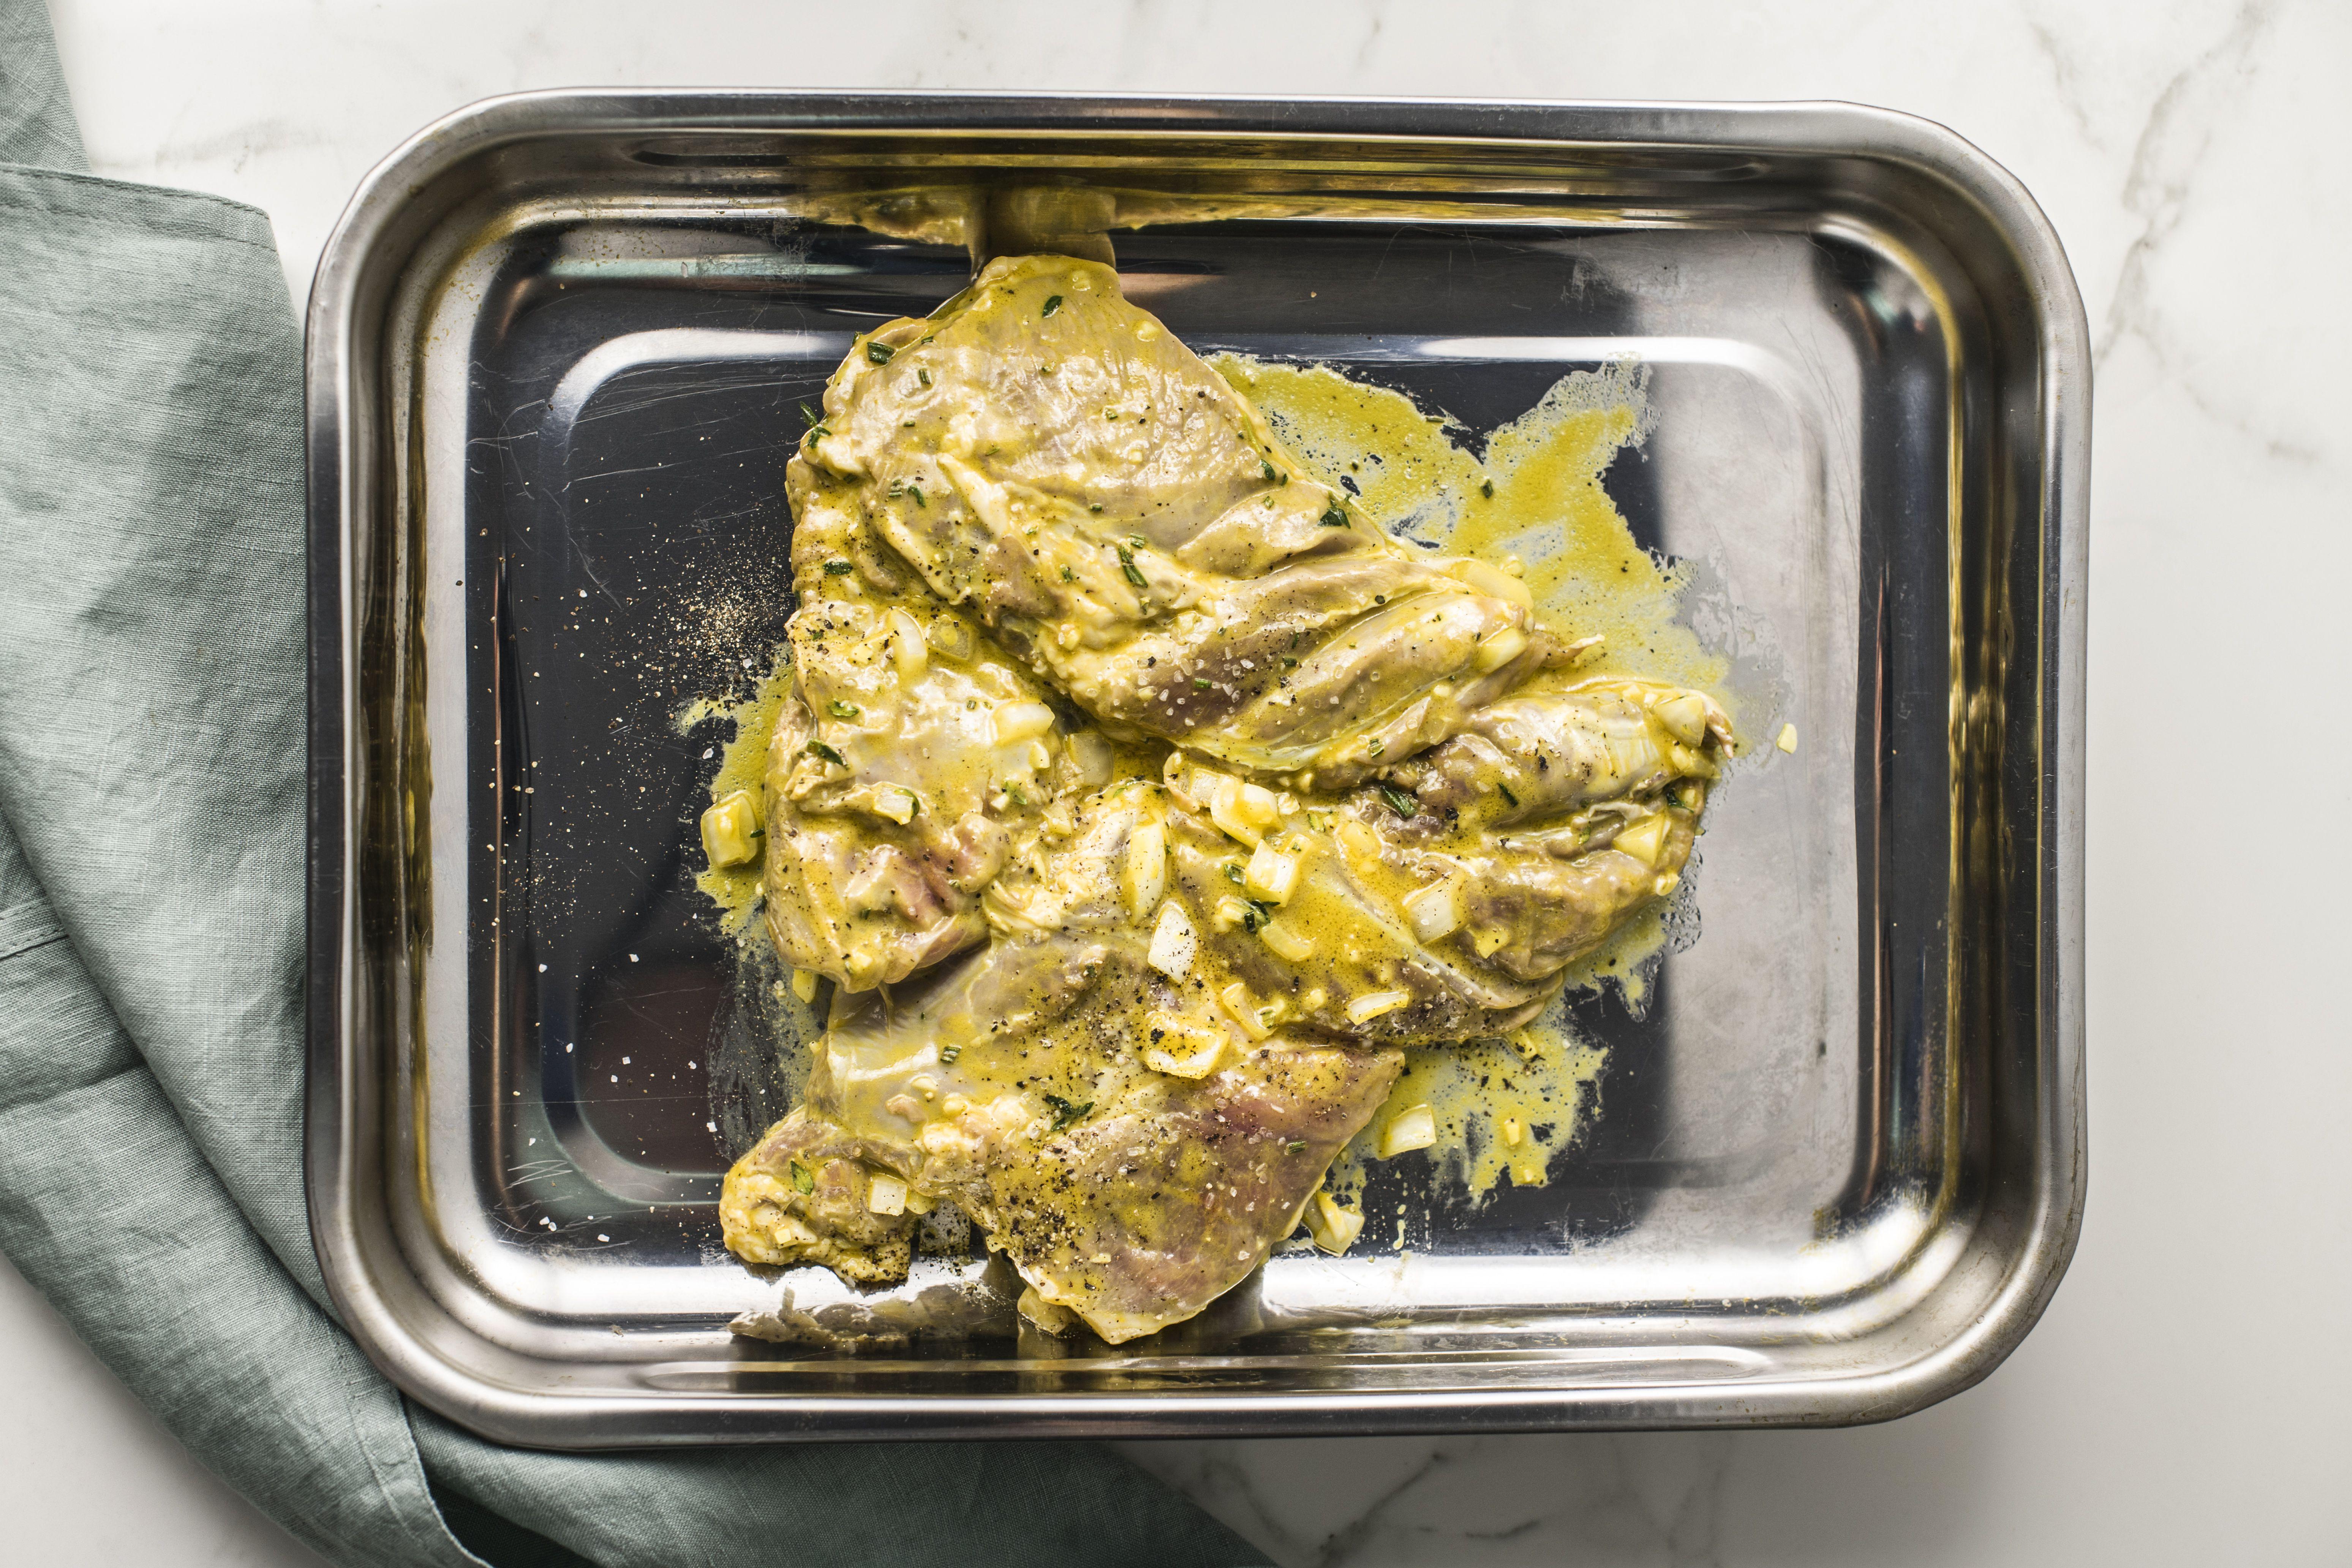 Lamb in metal baking pan seasoned with salt and pepper